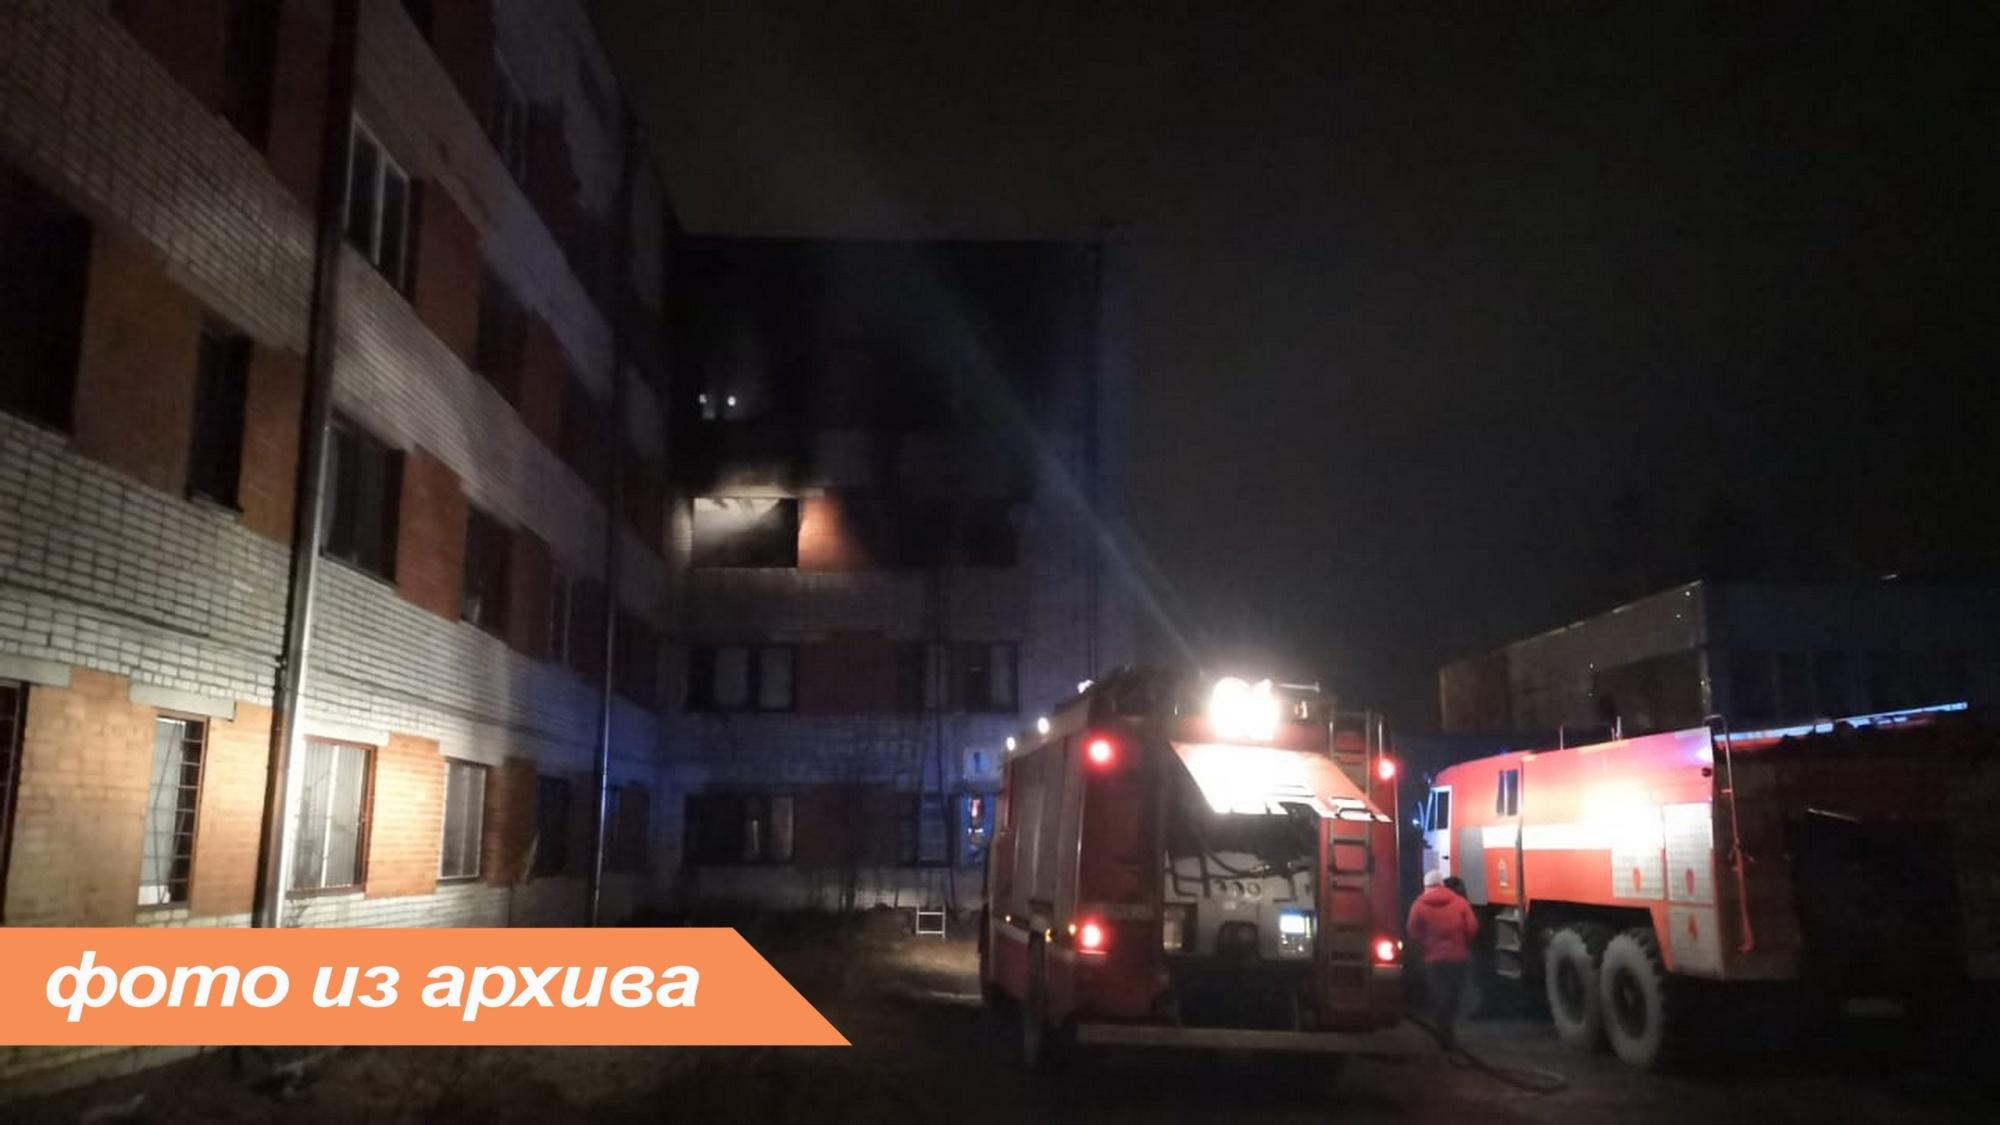 Пожарно-спасательное подразделение Ленинградской области ликвидировало пожар в г. Тихвин